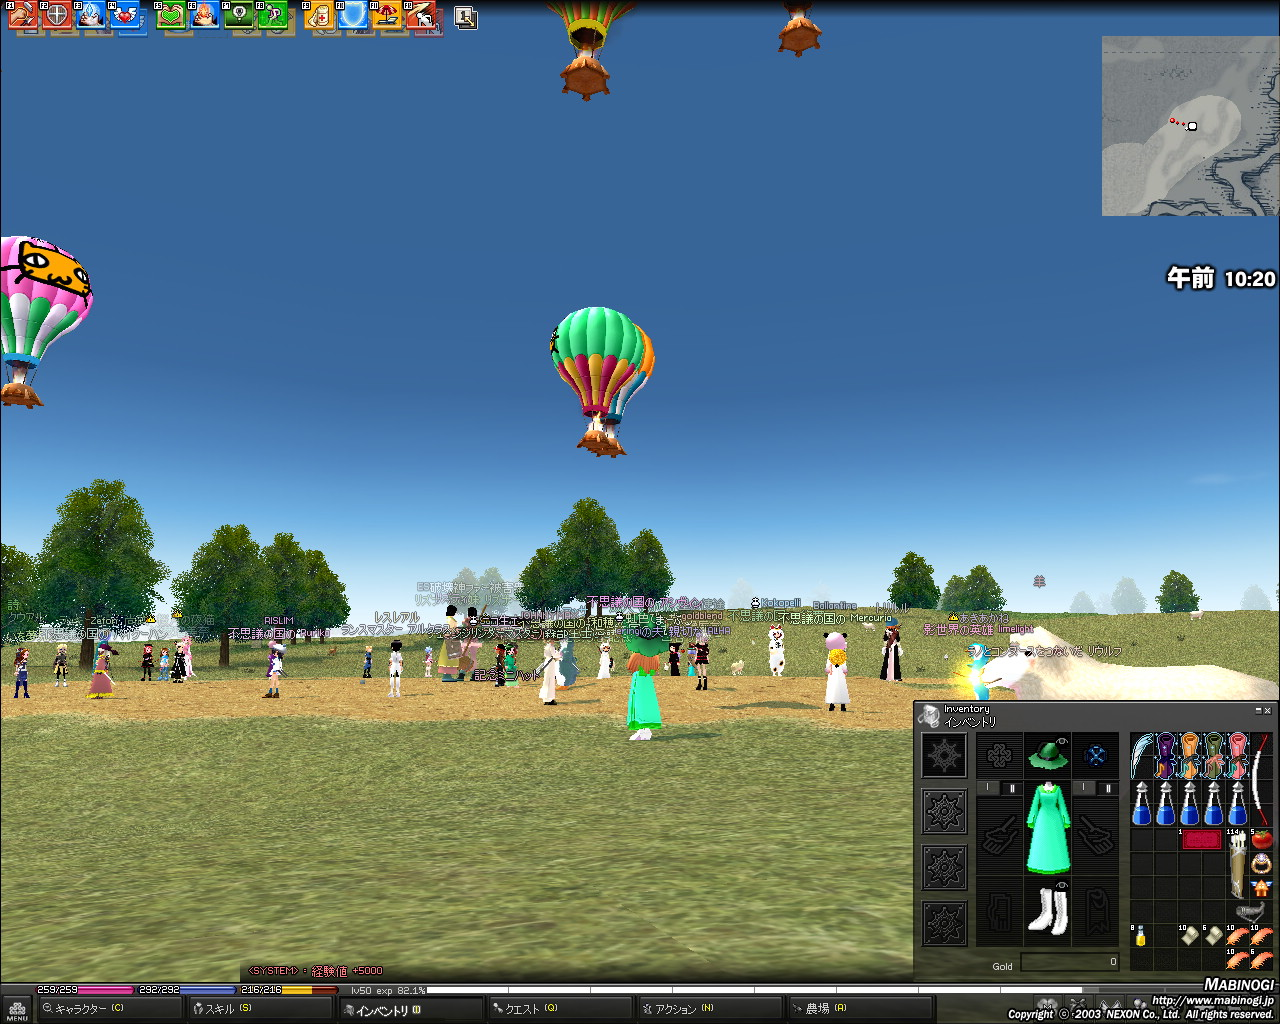 気球イベント!楽しめそう・・・